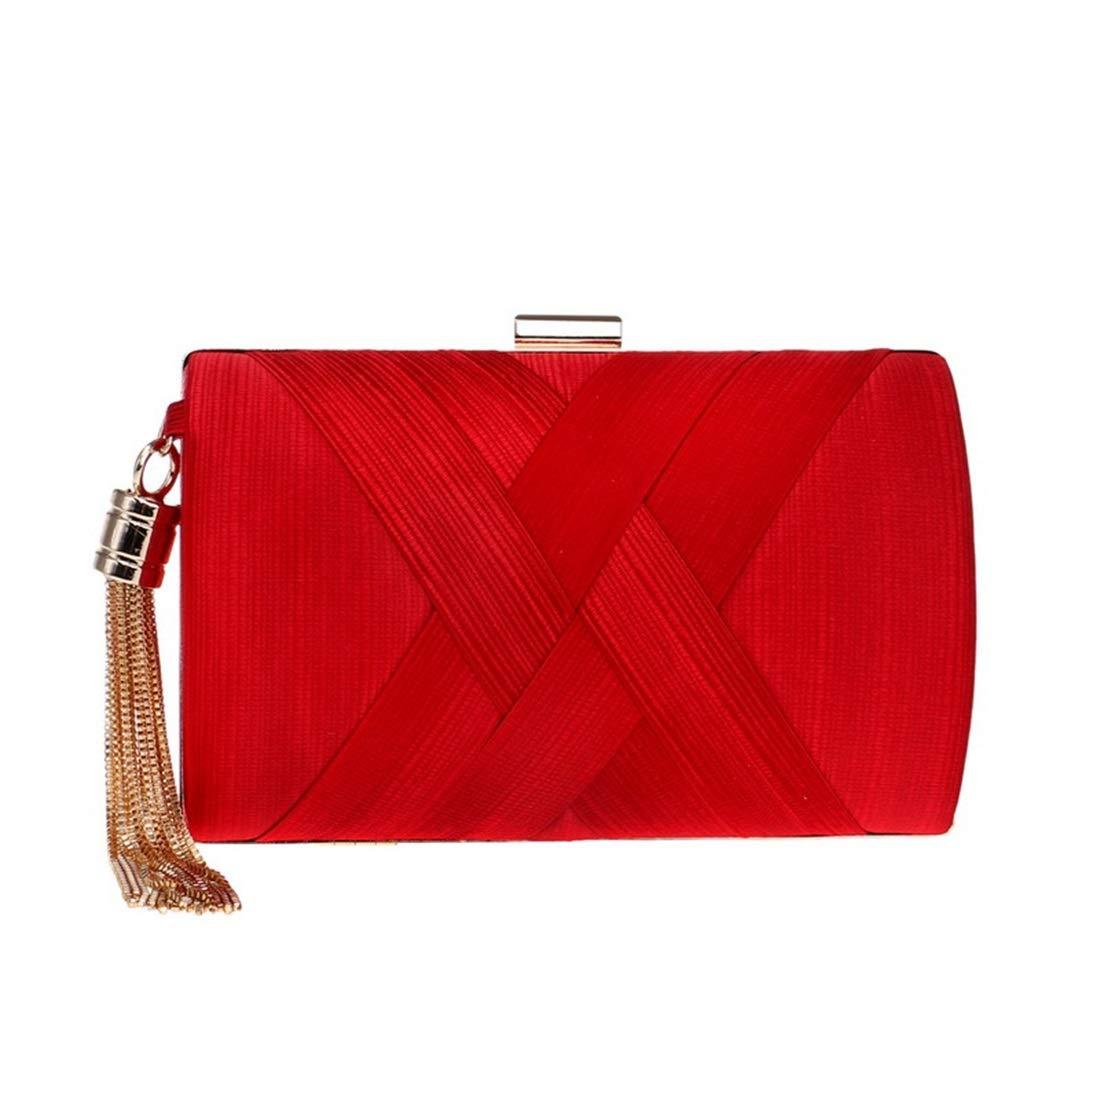 Cvthfyk Damen Reine Farbe Handtasche Abendgesellschaft Braut Hochzeit Handtasche (Farbe   rot) B07QDN6LFT Clutches Billiger als der Preis